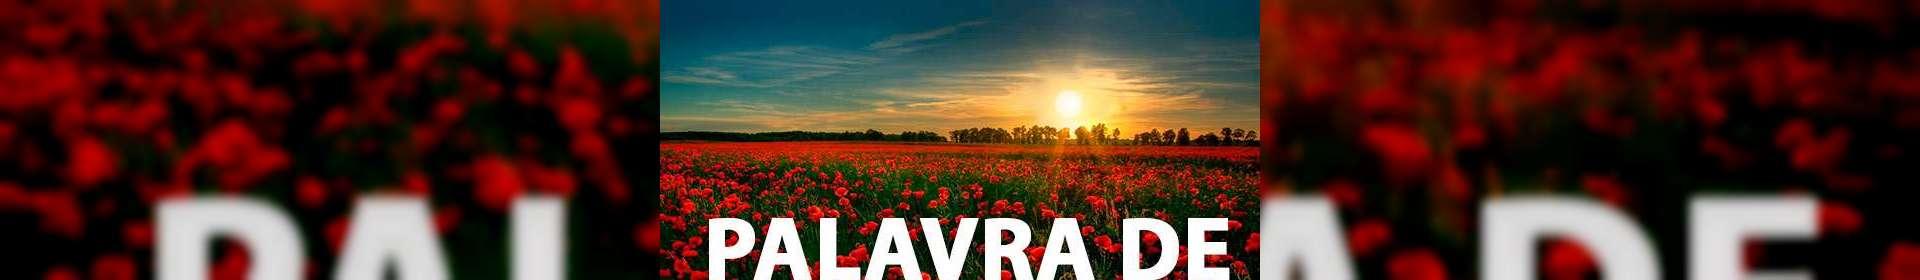 Salmos 90:12 - Uma Palavra de Esperança para sua vida